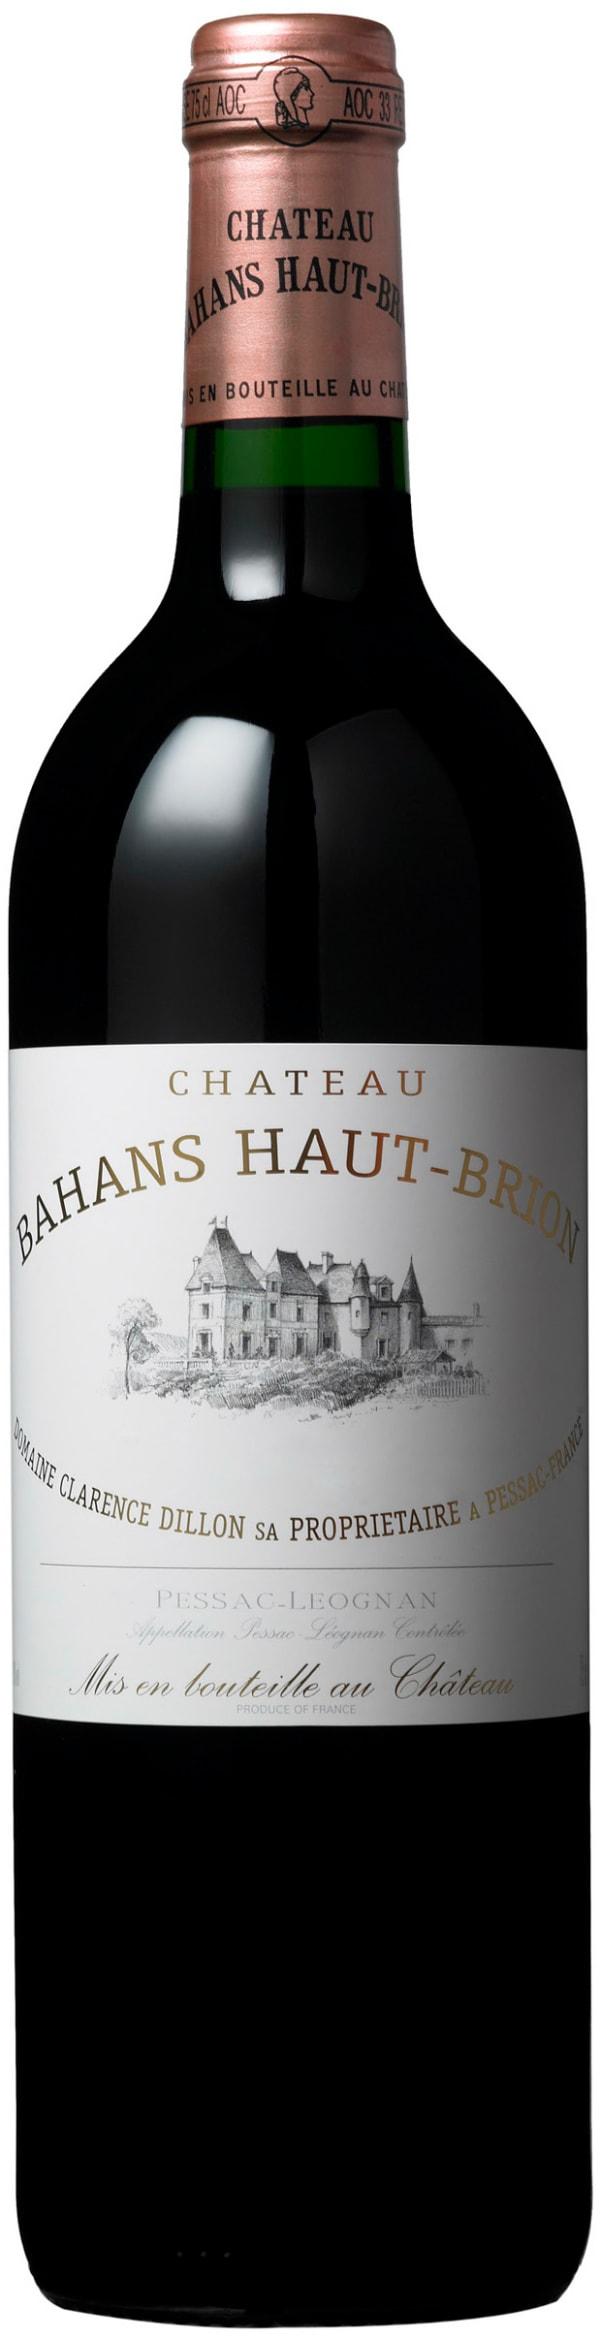 Château Bahans Haut-Brion 2000